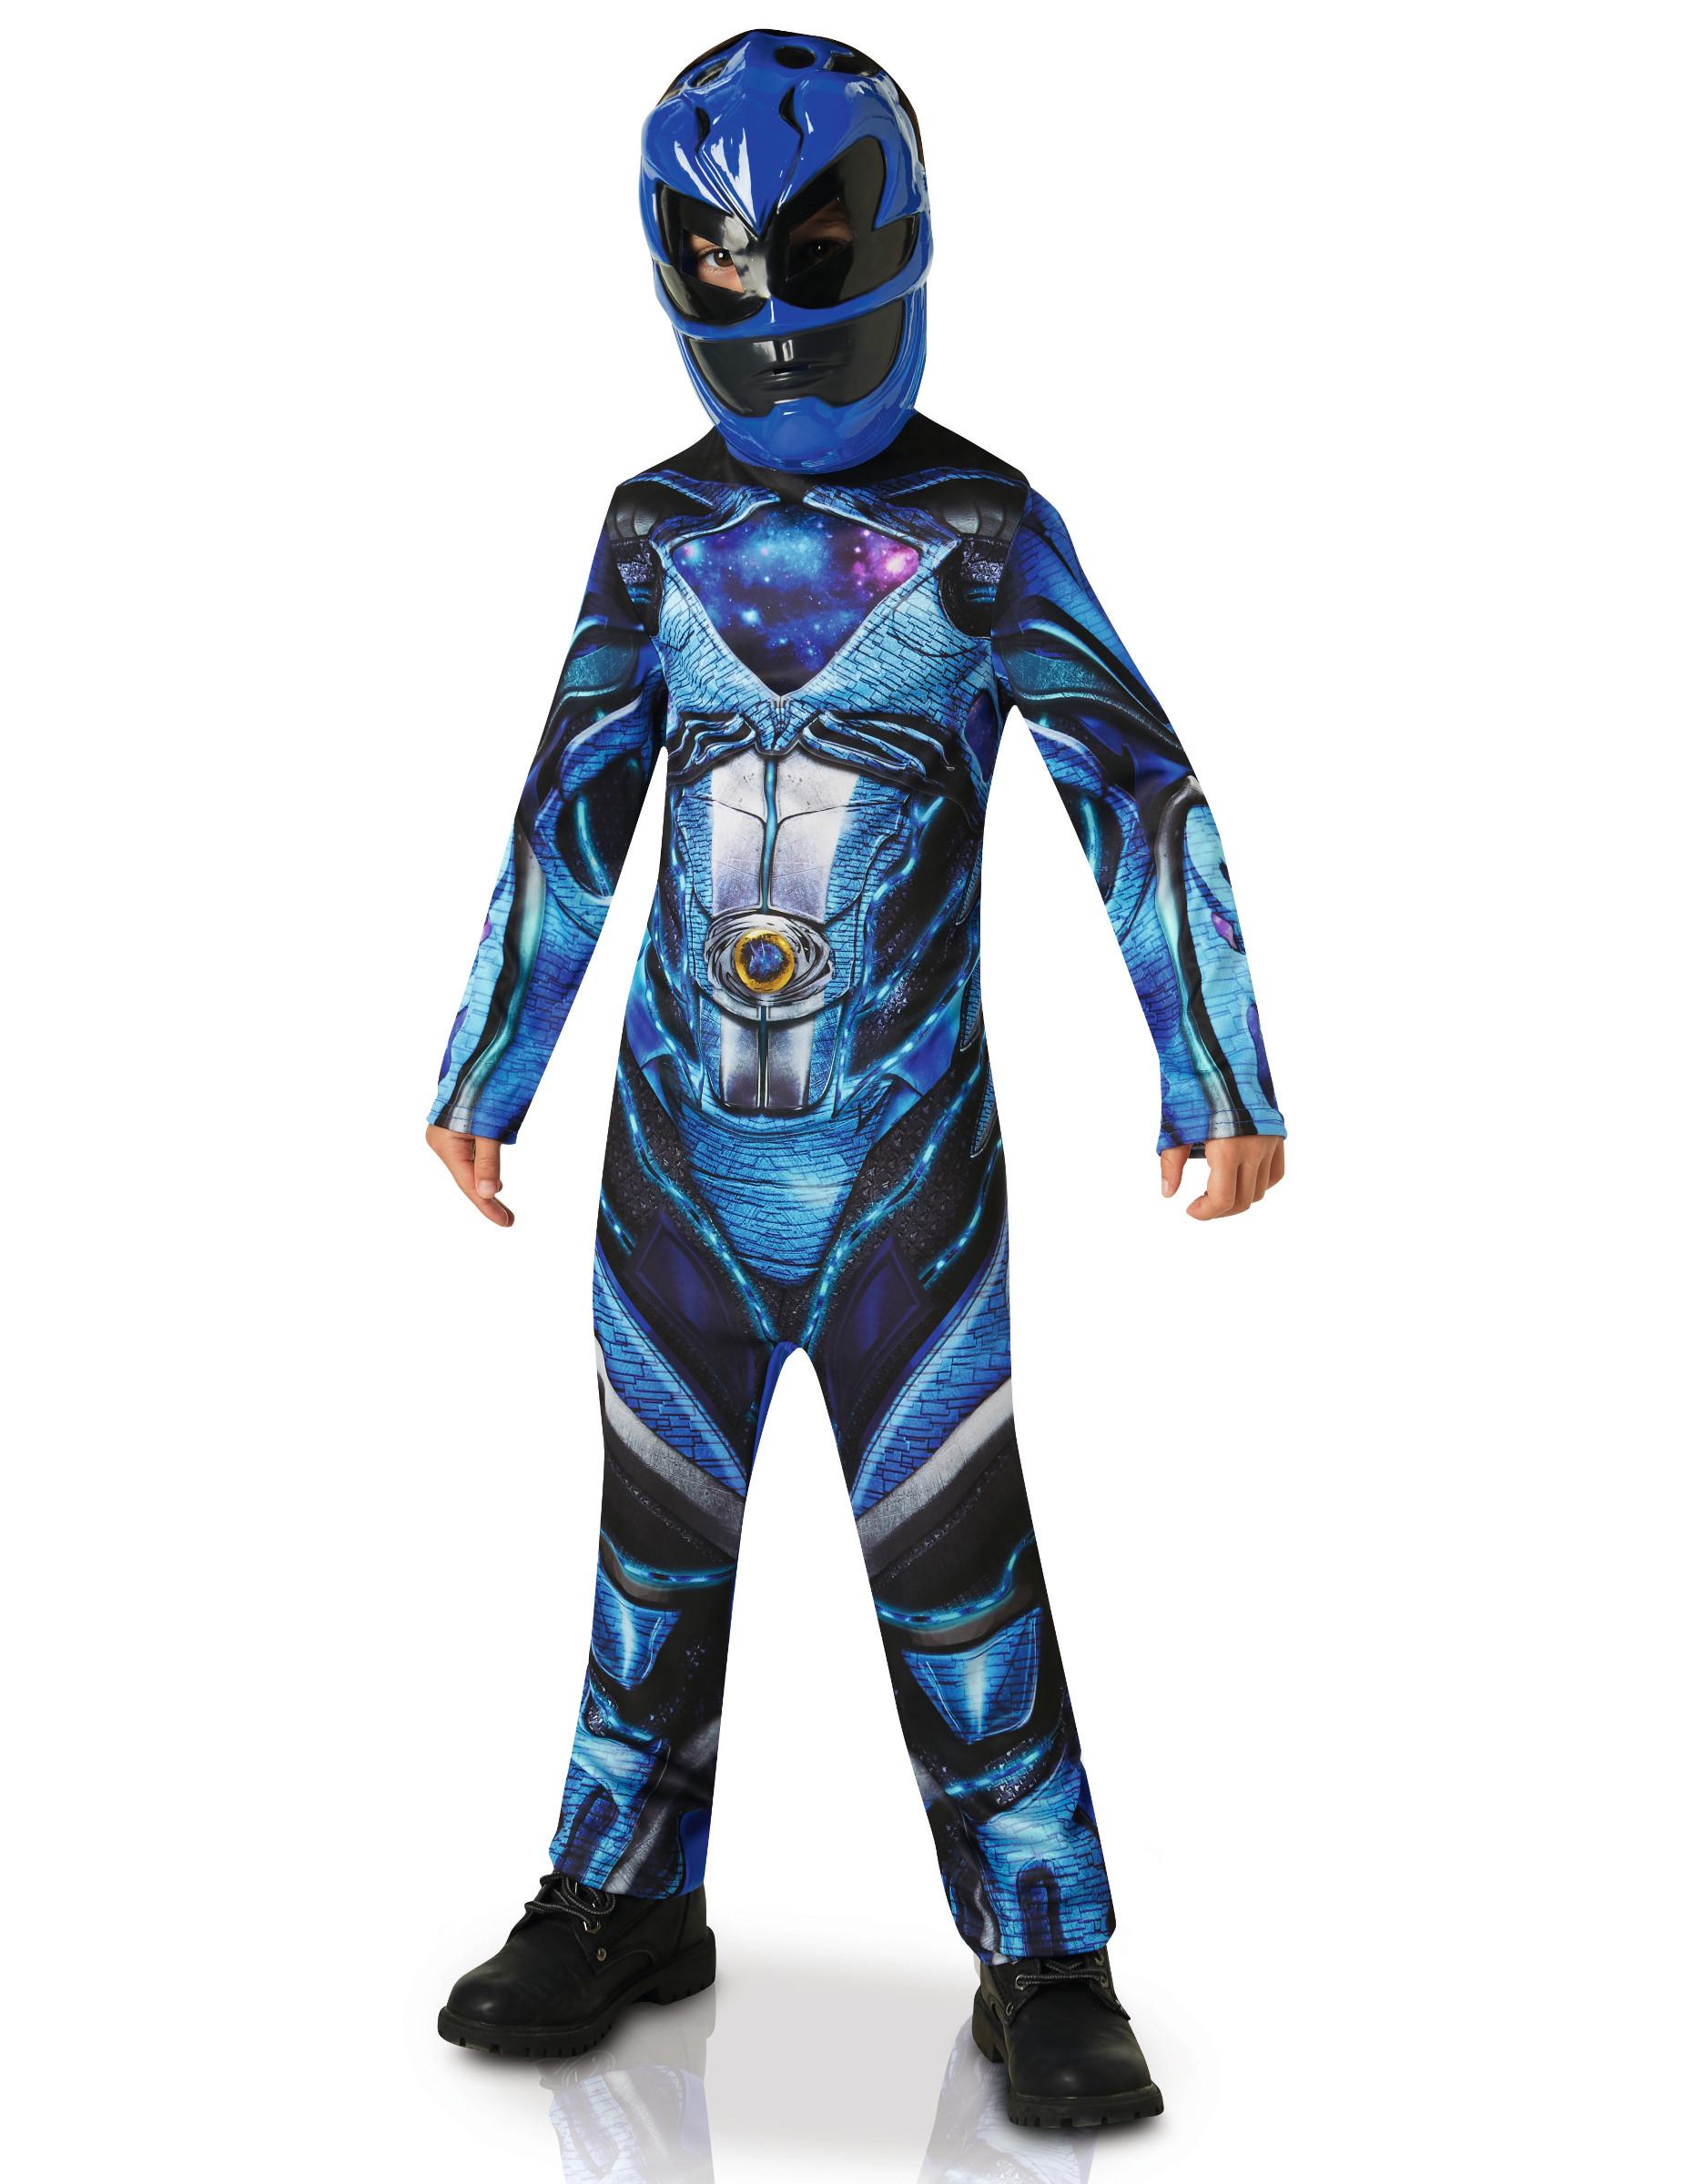 D guisement classique power rangers bleu enfant deguise - Masque de power rangers ...